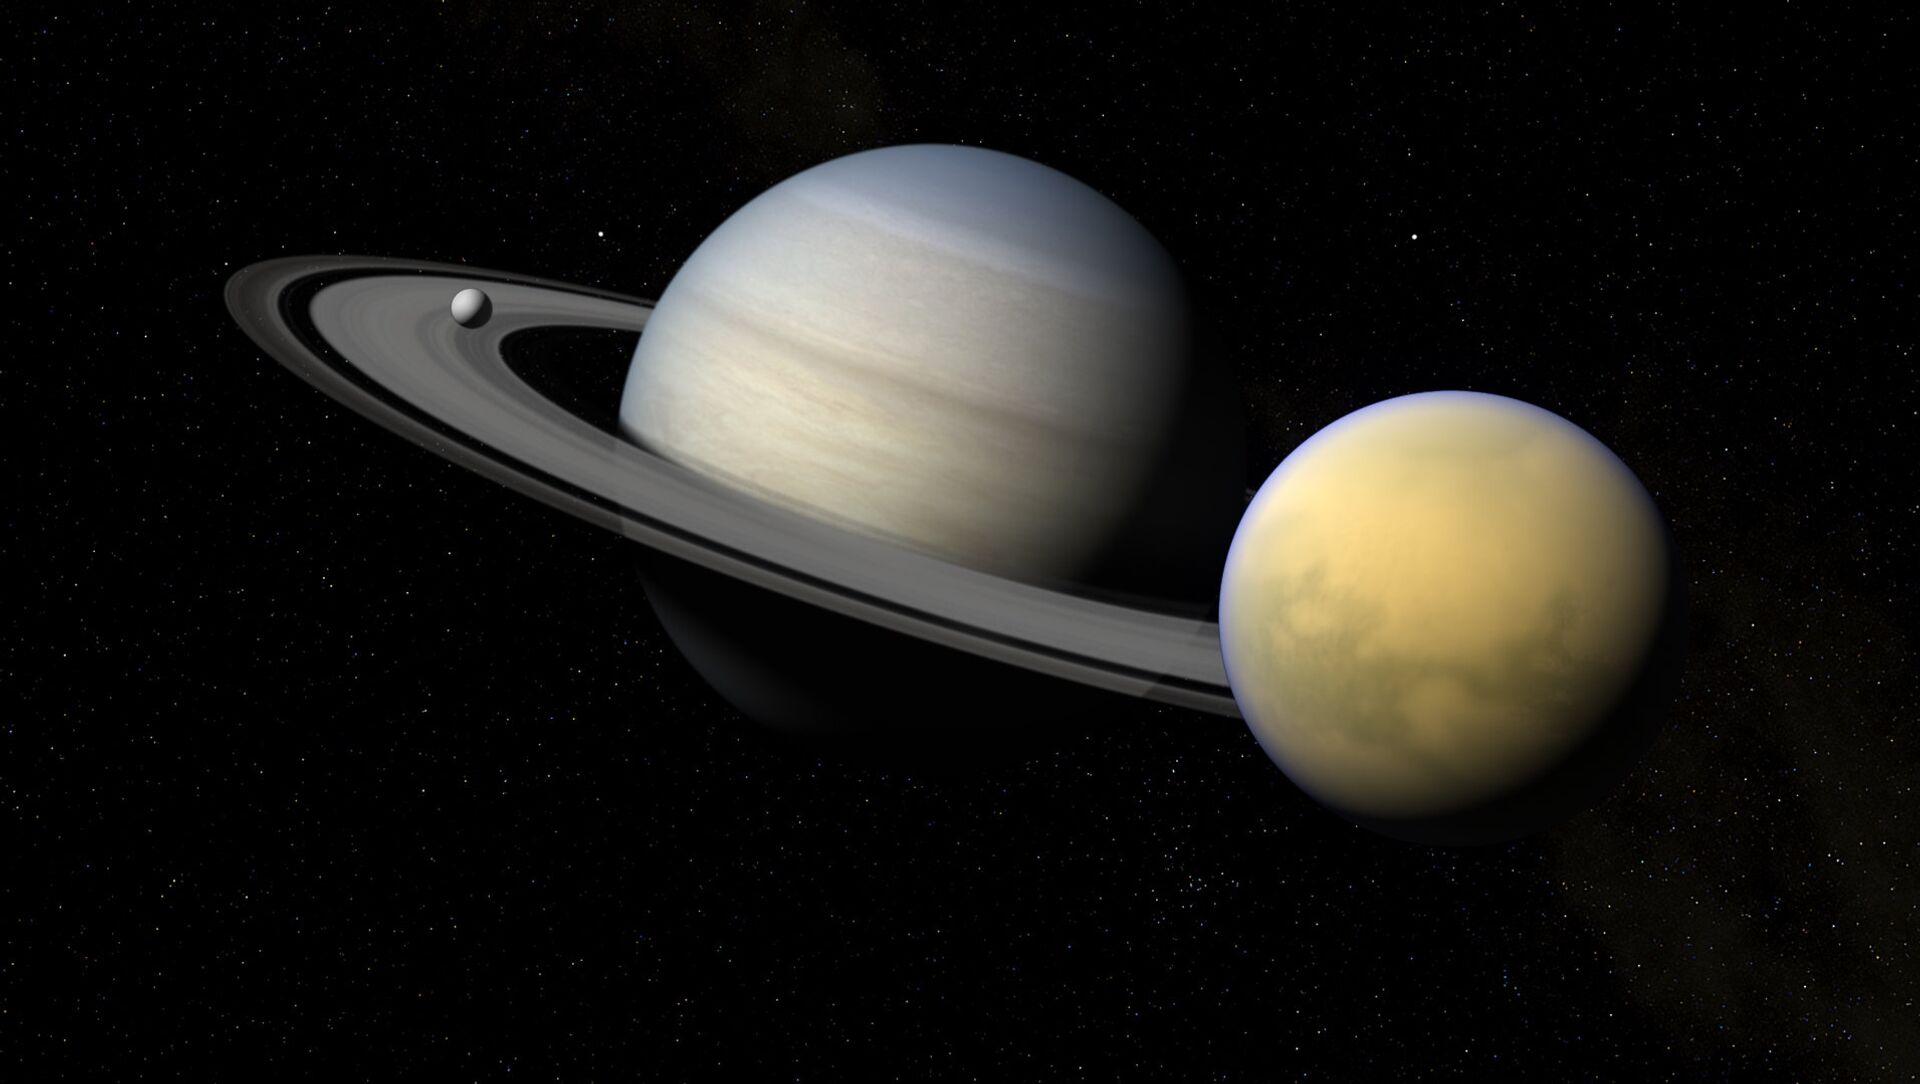 Saturno y sus satélites Titán y Encélado - Sputnik Mundo, 1920, 19.11.2019